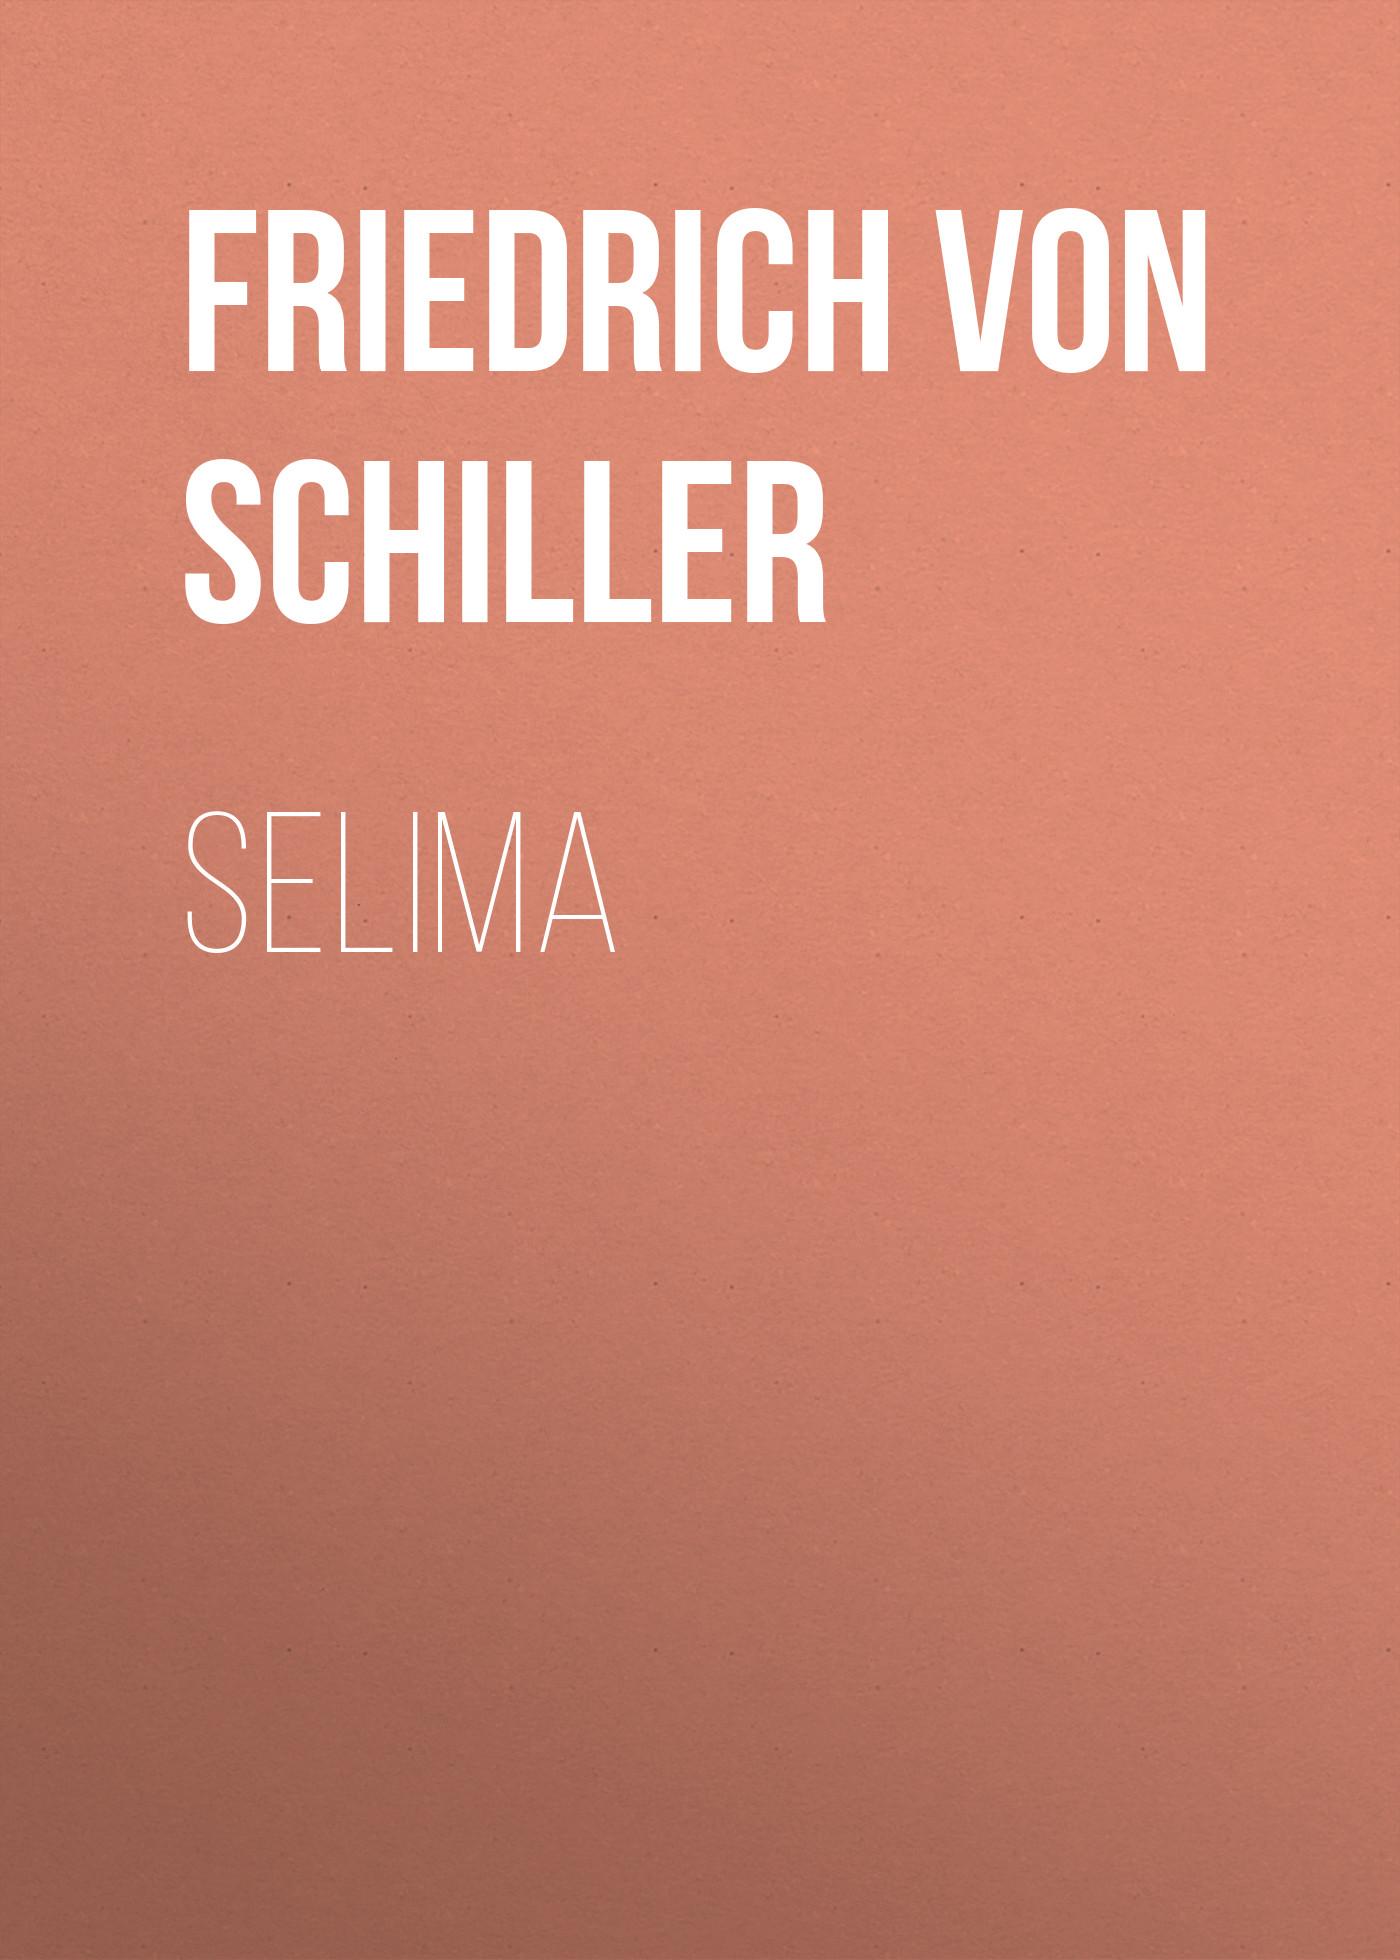 Friedrich von Schiller Selima friedrich von schiller wilhelm tell